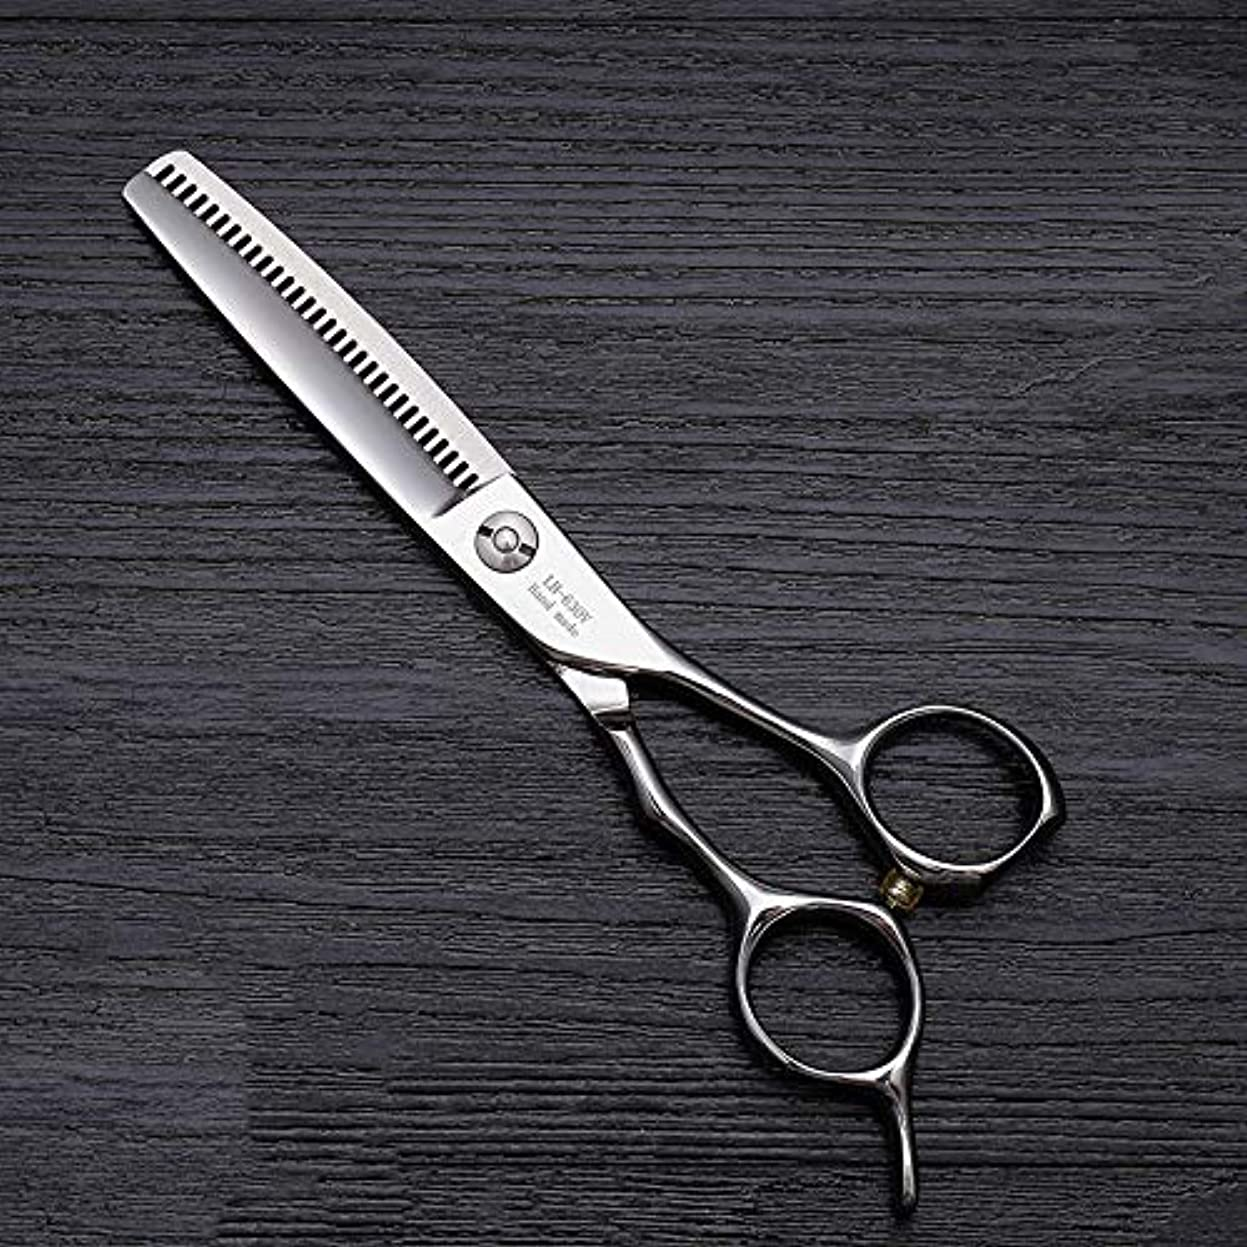 航空累積横向き6インチのヘアカットはさみ、ハイエンドの美容院の特別な髪のヘアカットはさみ モデリングツール (色 : Silver)